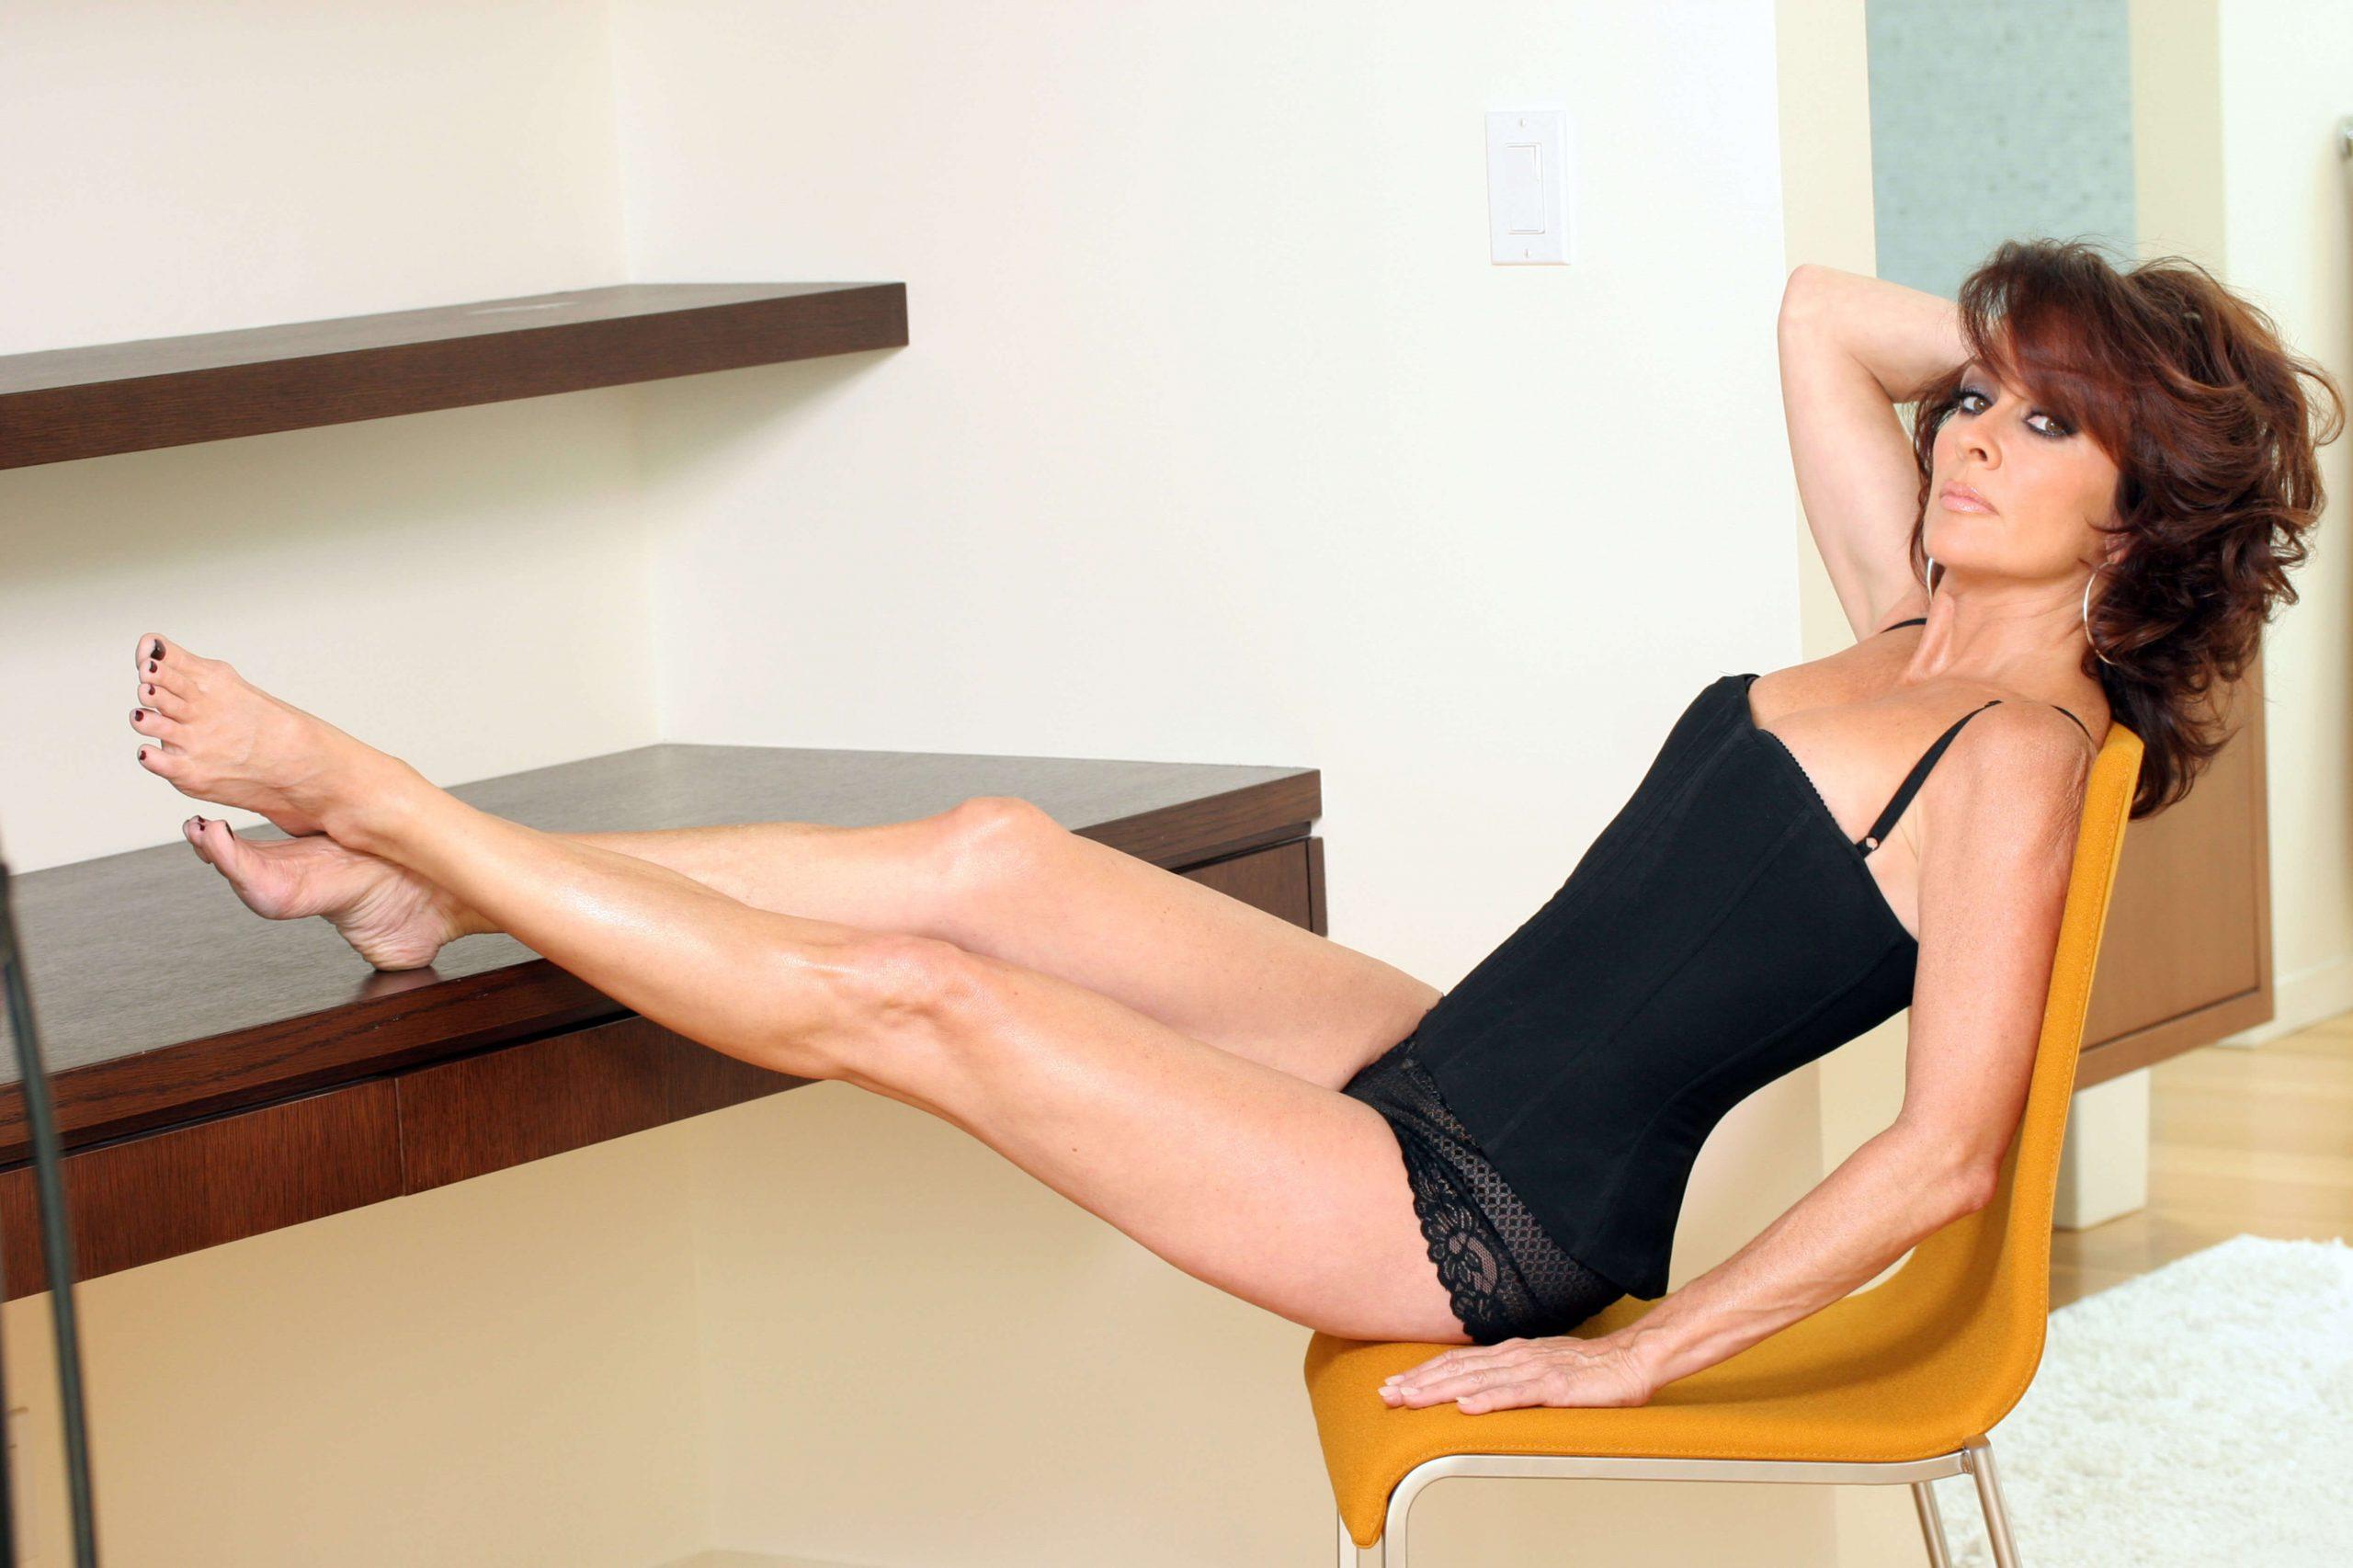 patricia-heaton-sexy-legs